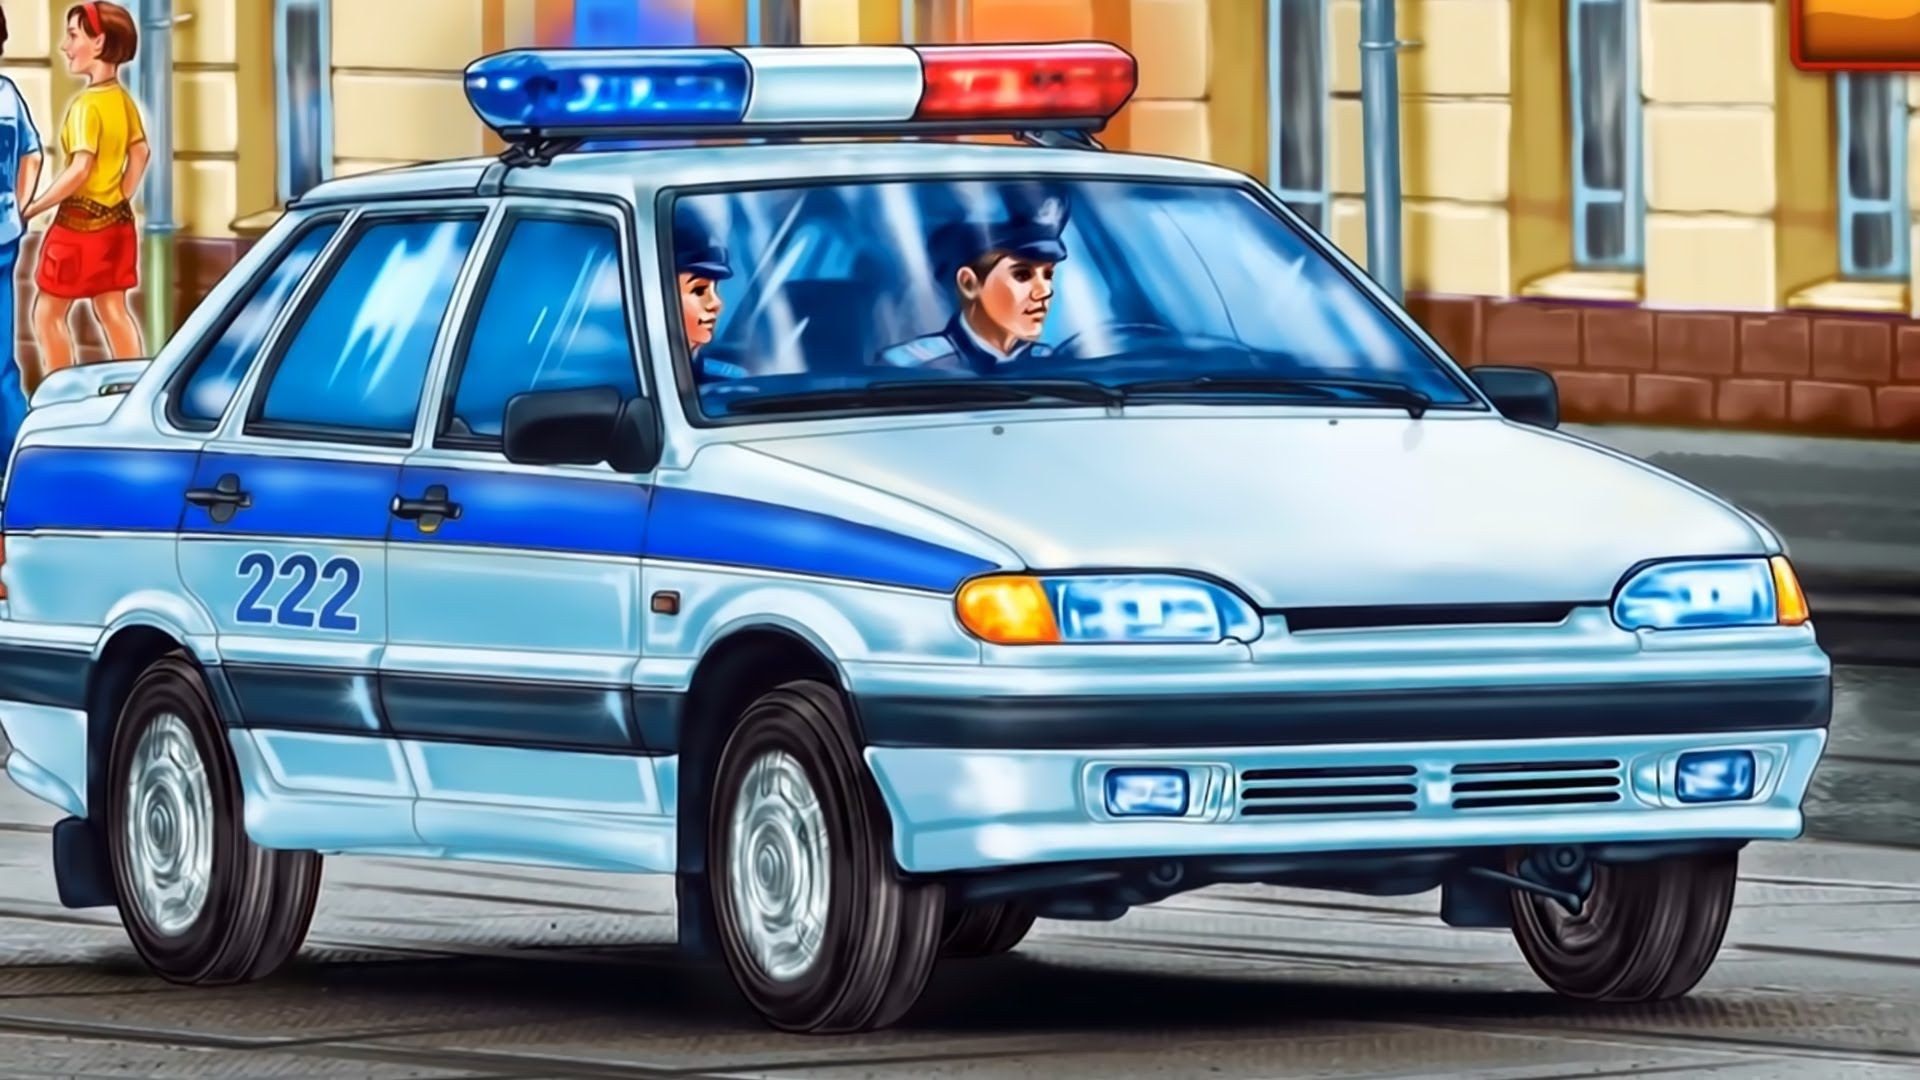 Картинки полицейская машина для детского сада